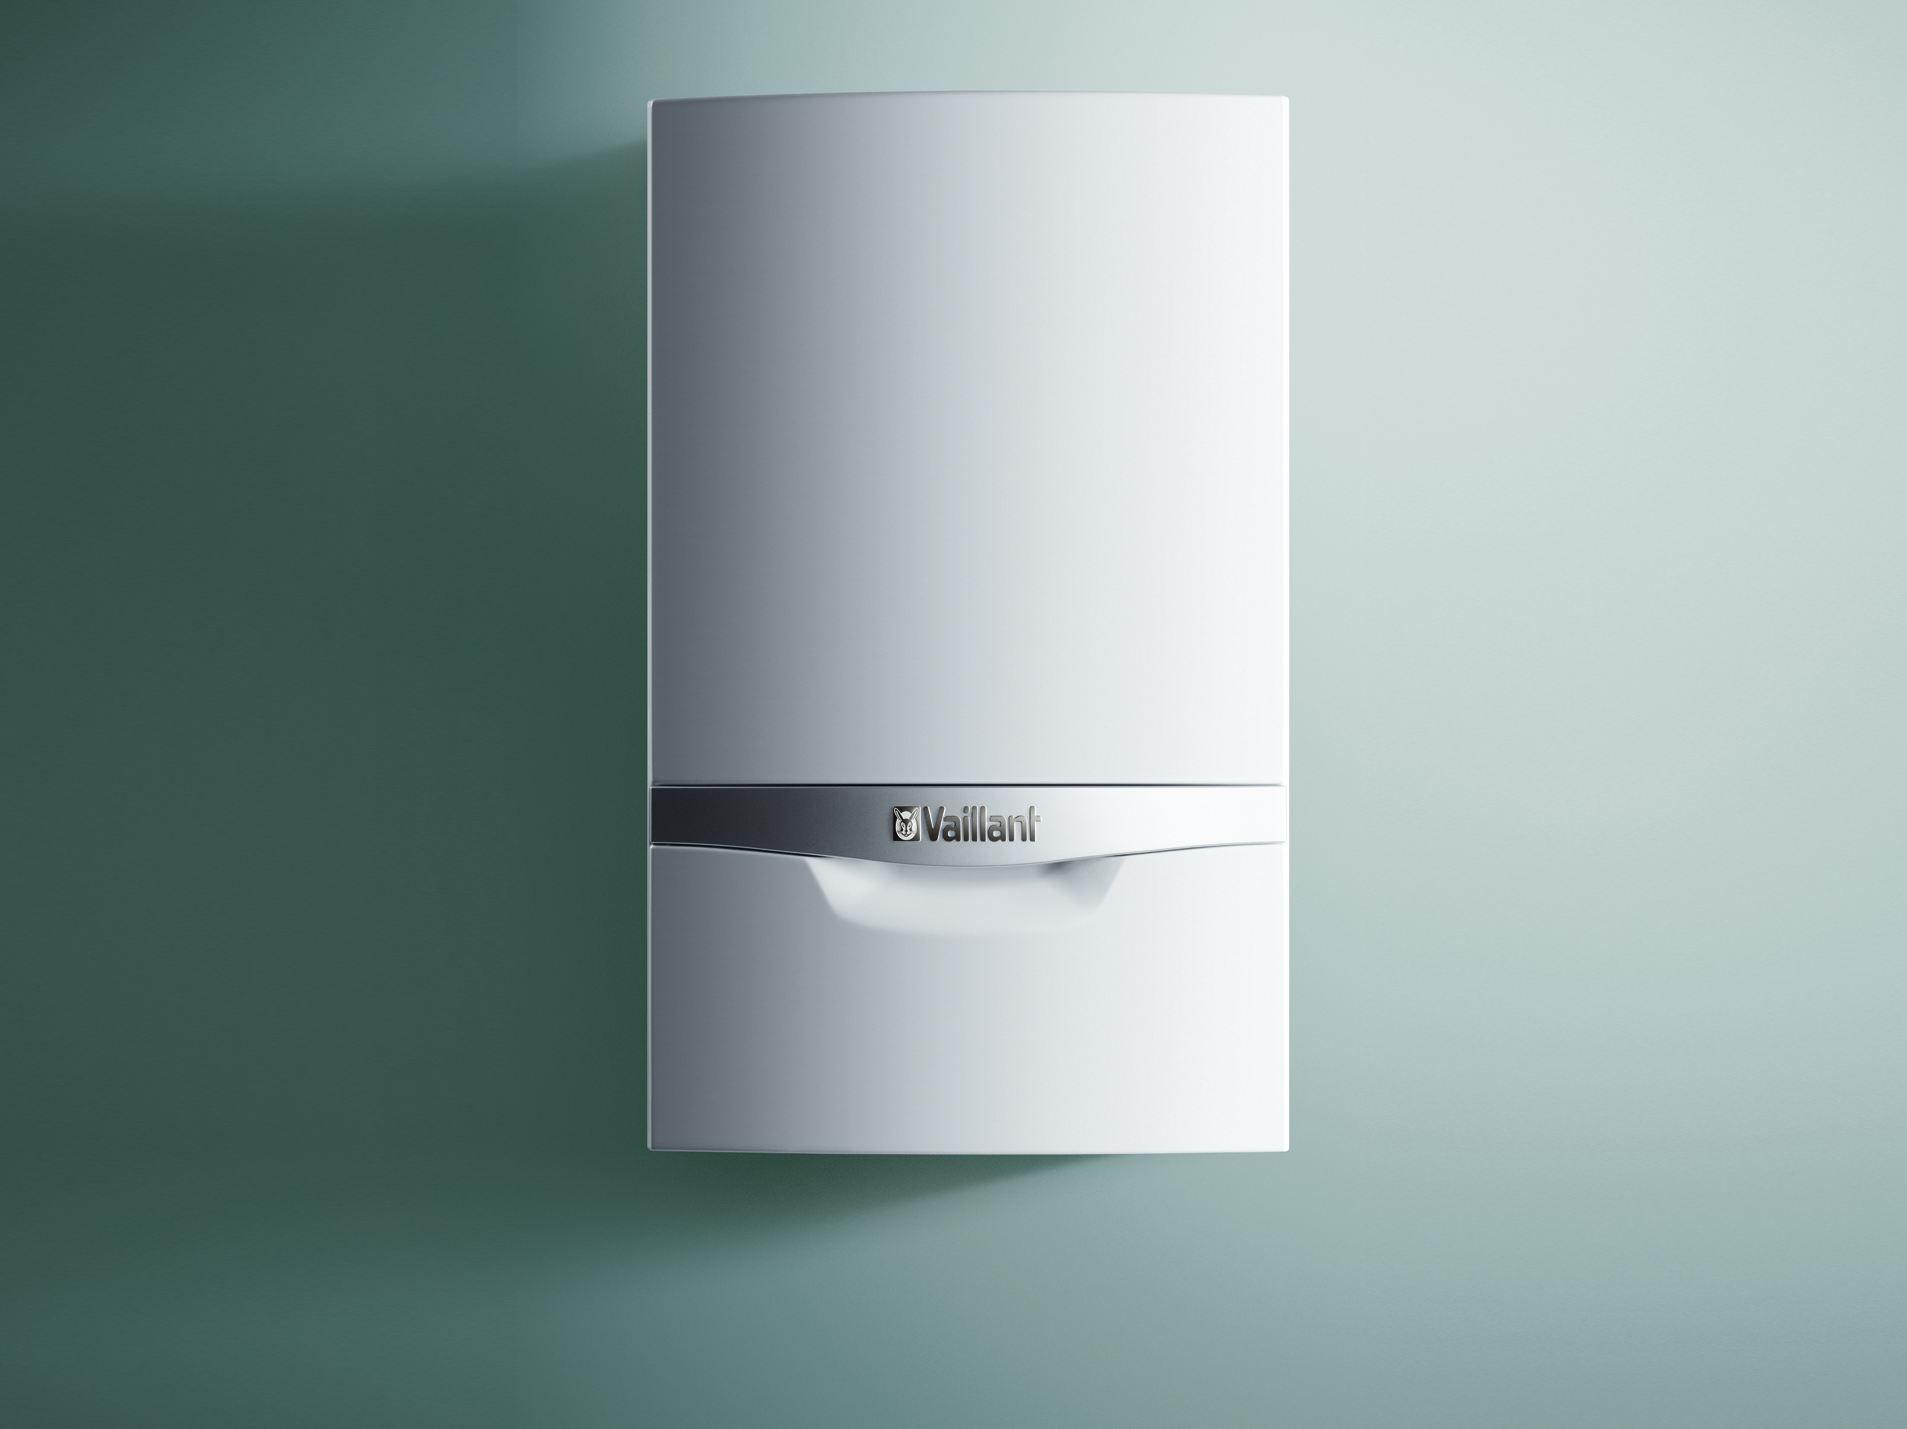 Caldaia a condensazione per interni ecoblock plus by vaillant - Caldaia a gas da interno ...